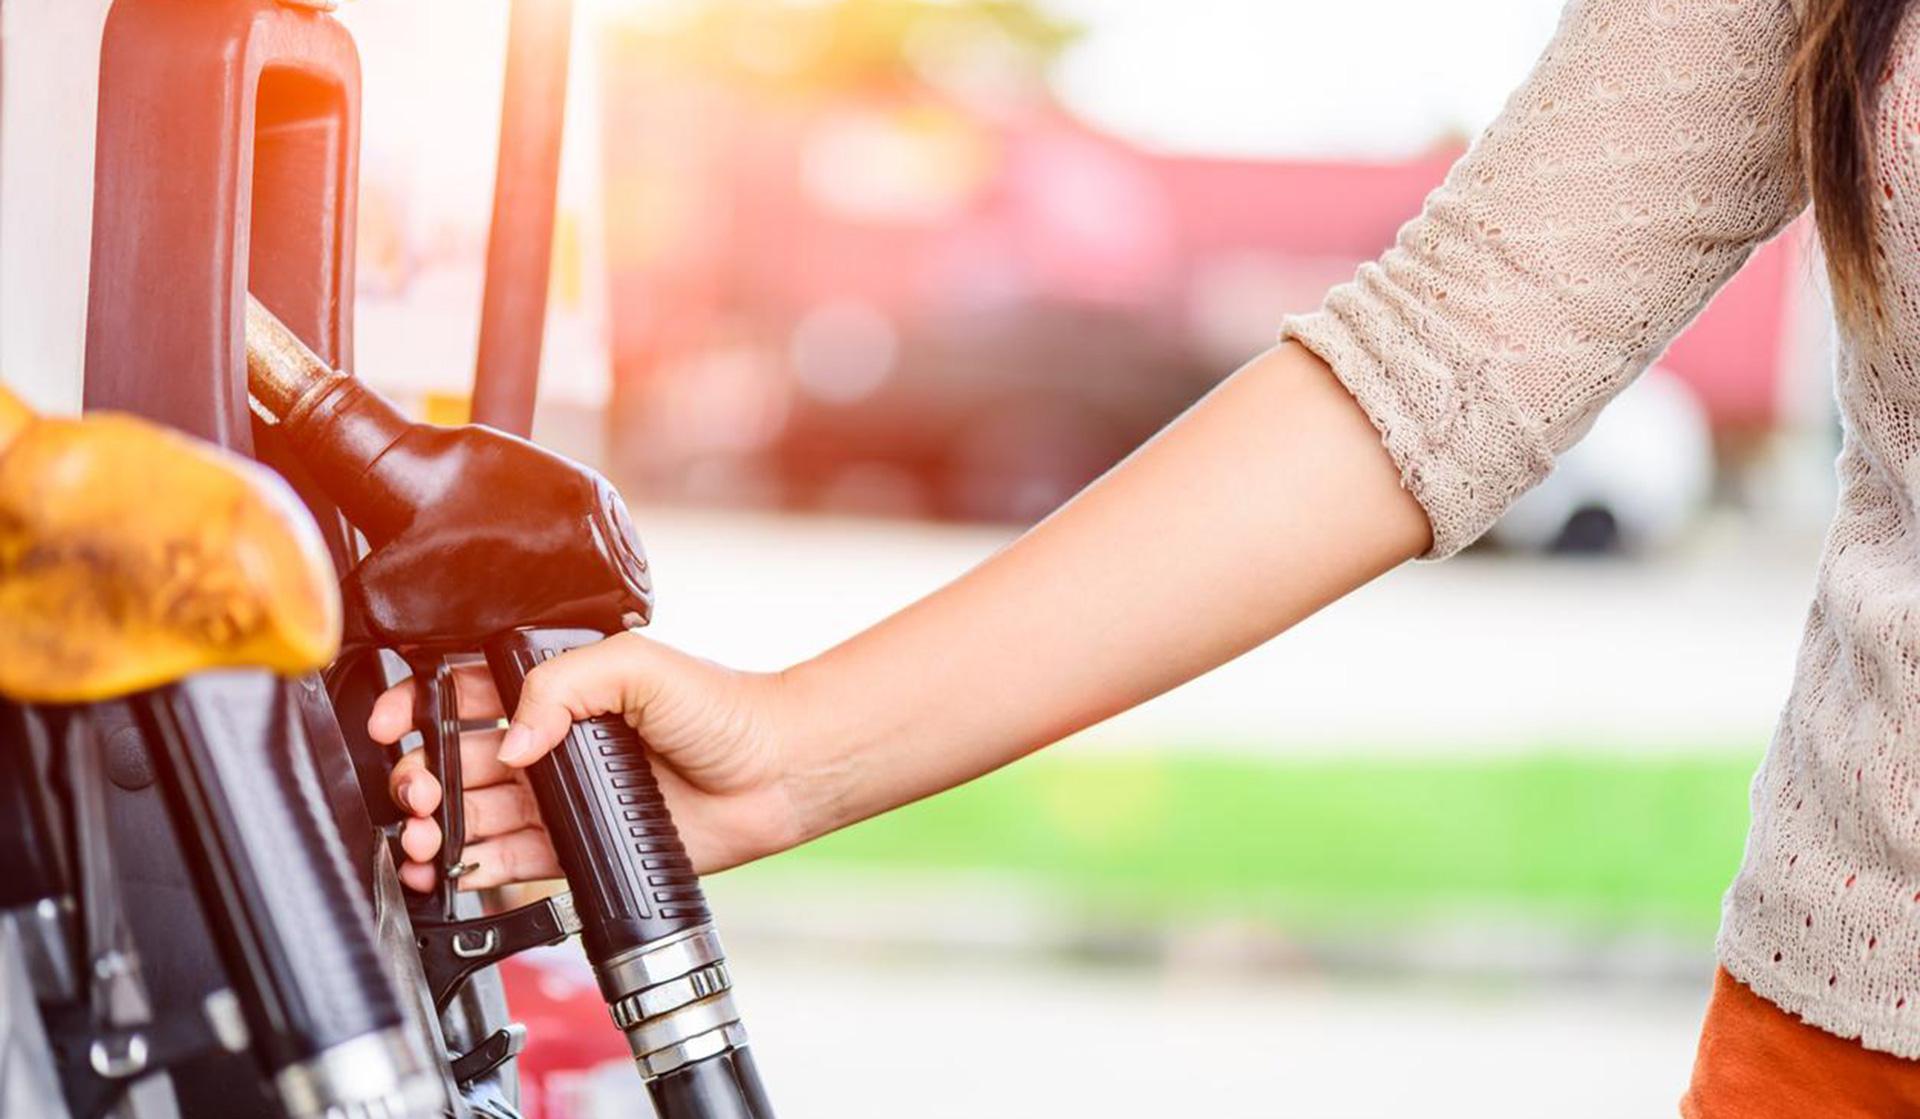 Infirmières en panne d'essence ! Gouvernement en panne d'idée(s) !